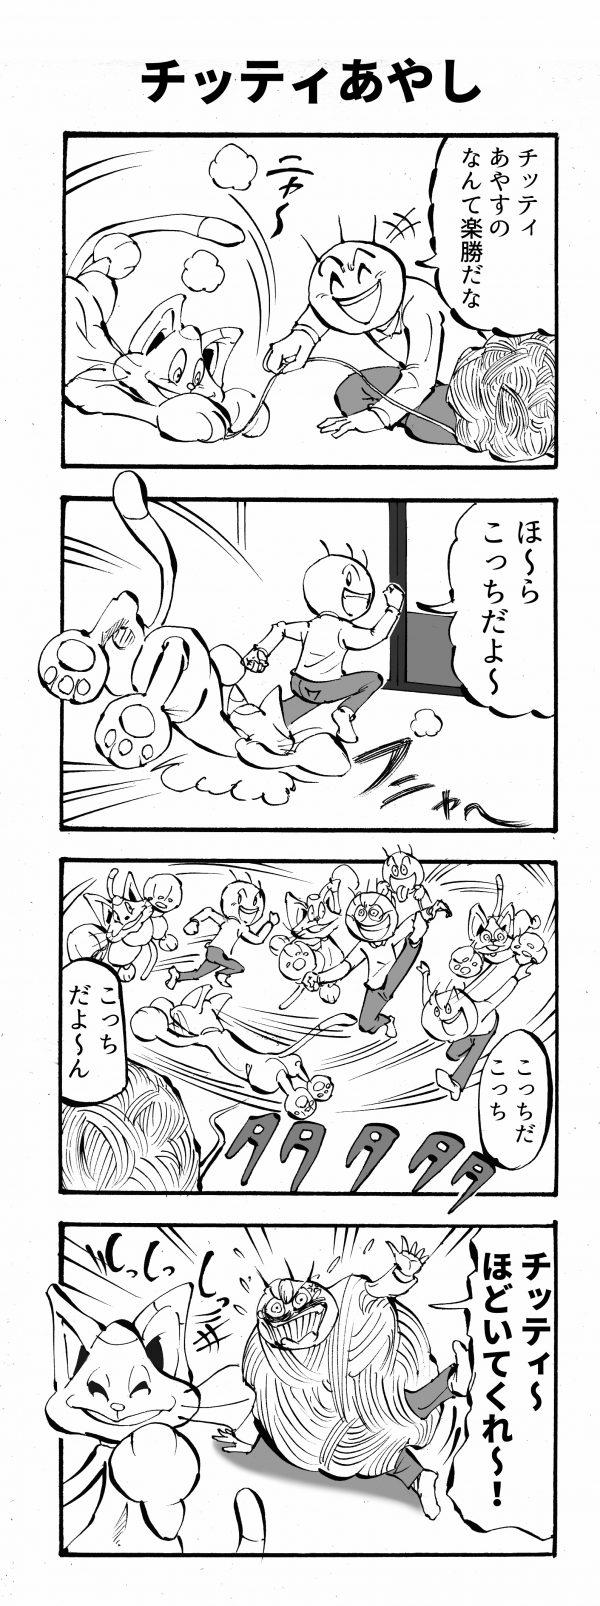 チッティあやし 四コマ漫画